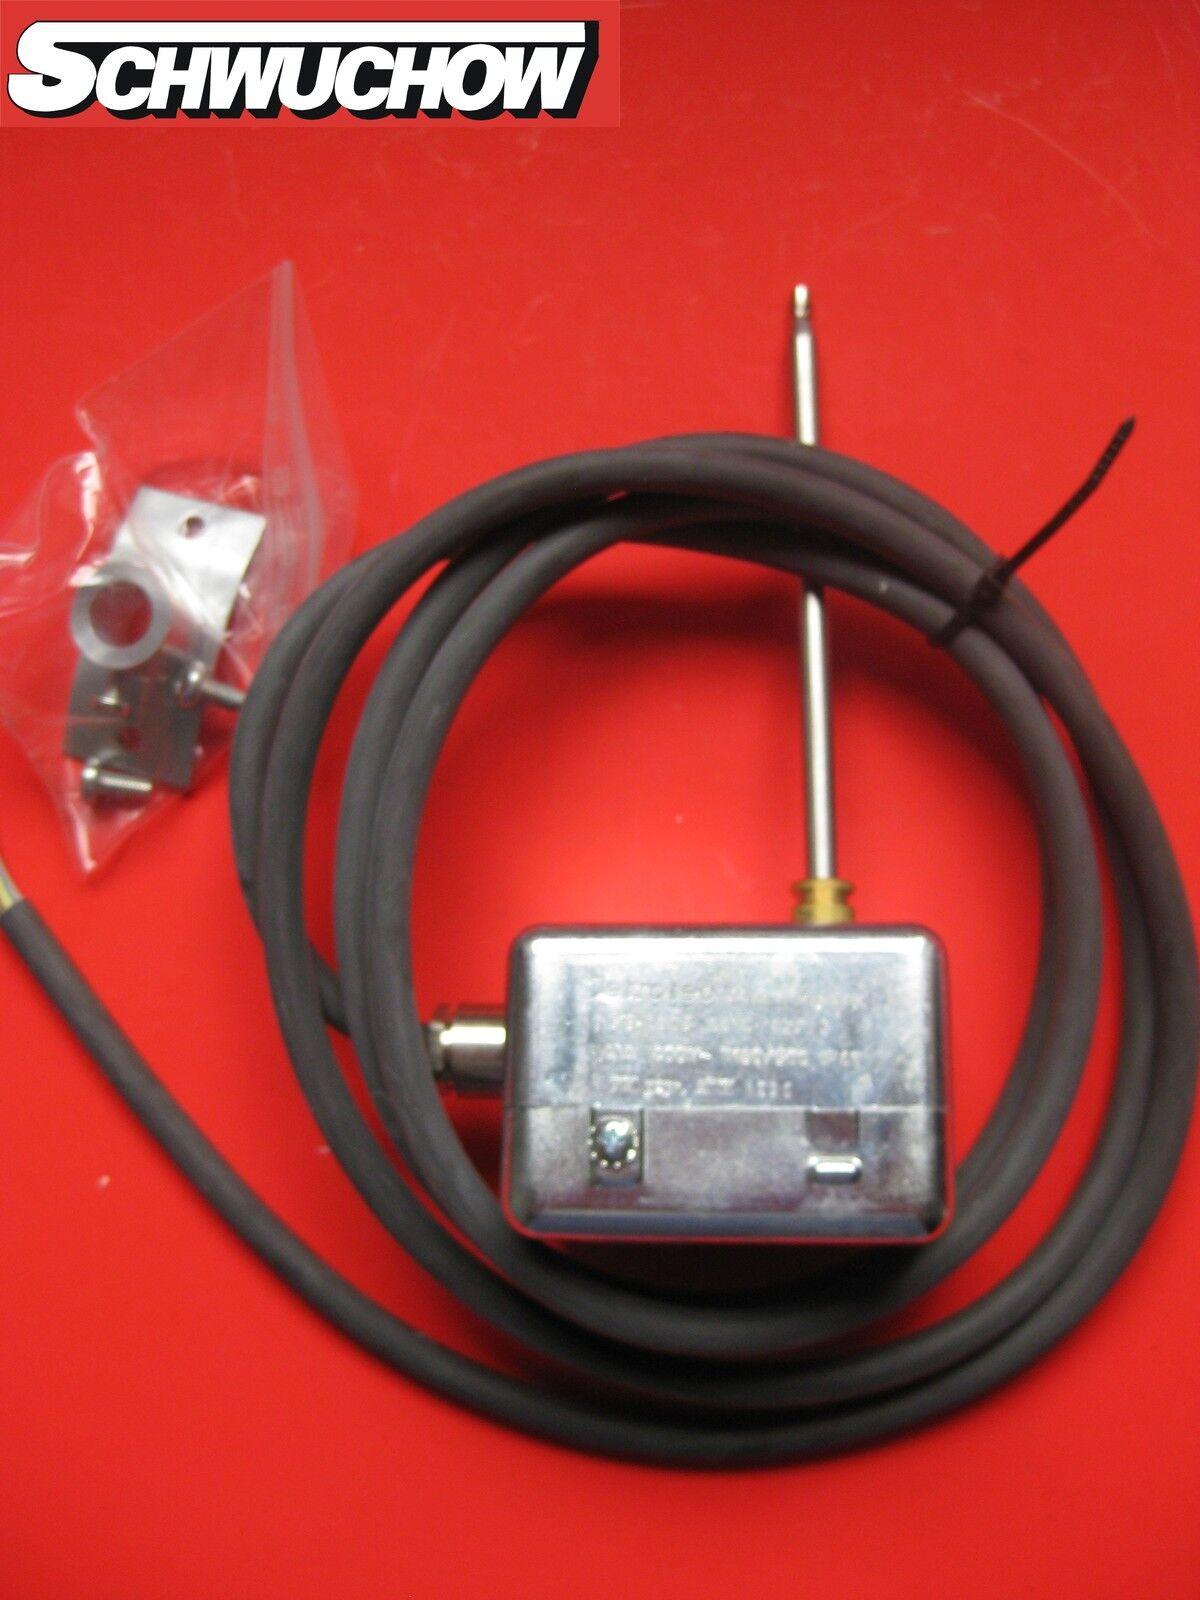 Rauchgasthermostat Abgastemperaturwächter WS 519 1003 60° C Temperaturwächter